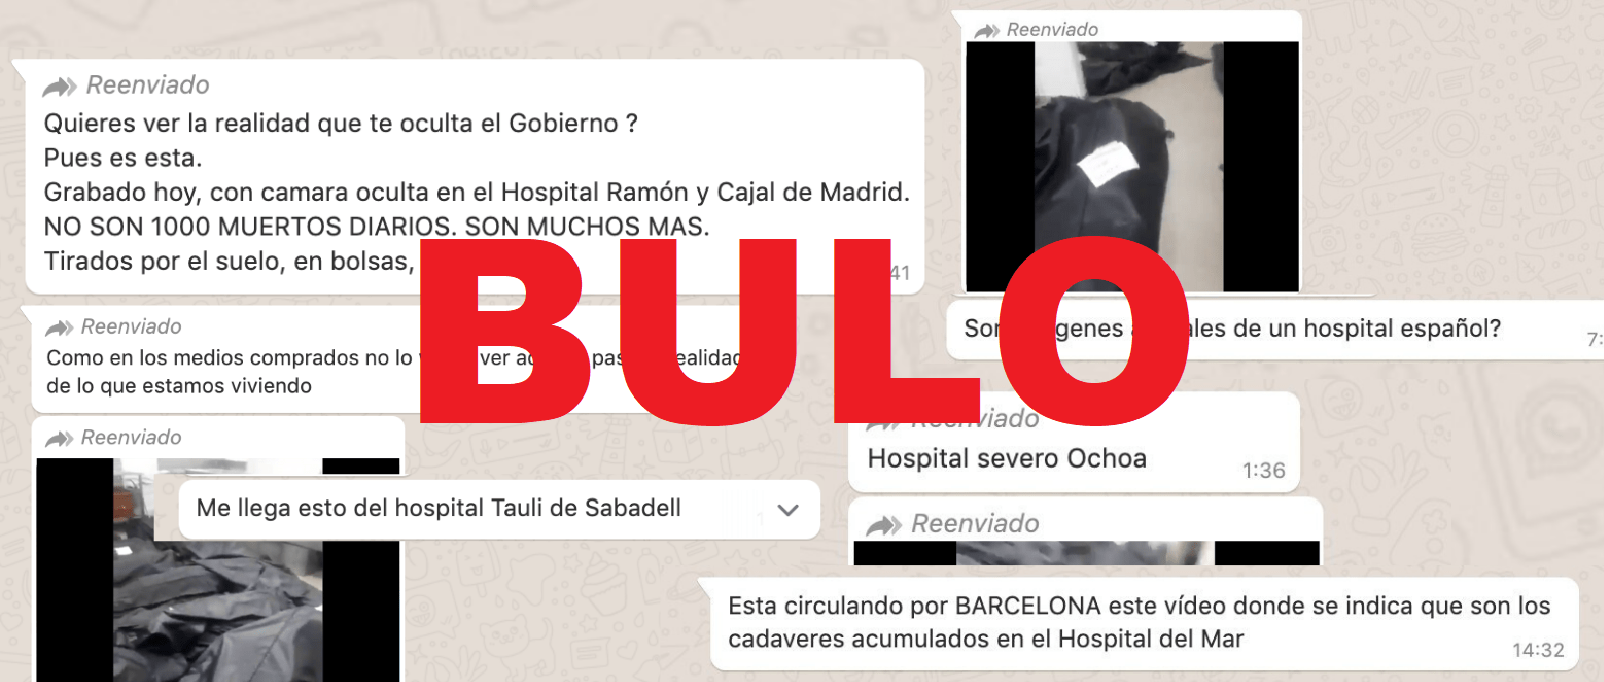 No es el Hospital Ramón y Cajal de Madrid ni el Tauli de Sabadell: el vídeo con cadáveres hacinados es Ecuador - Maldita.es